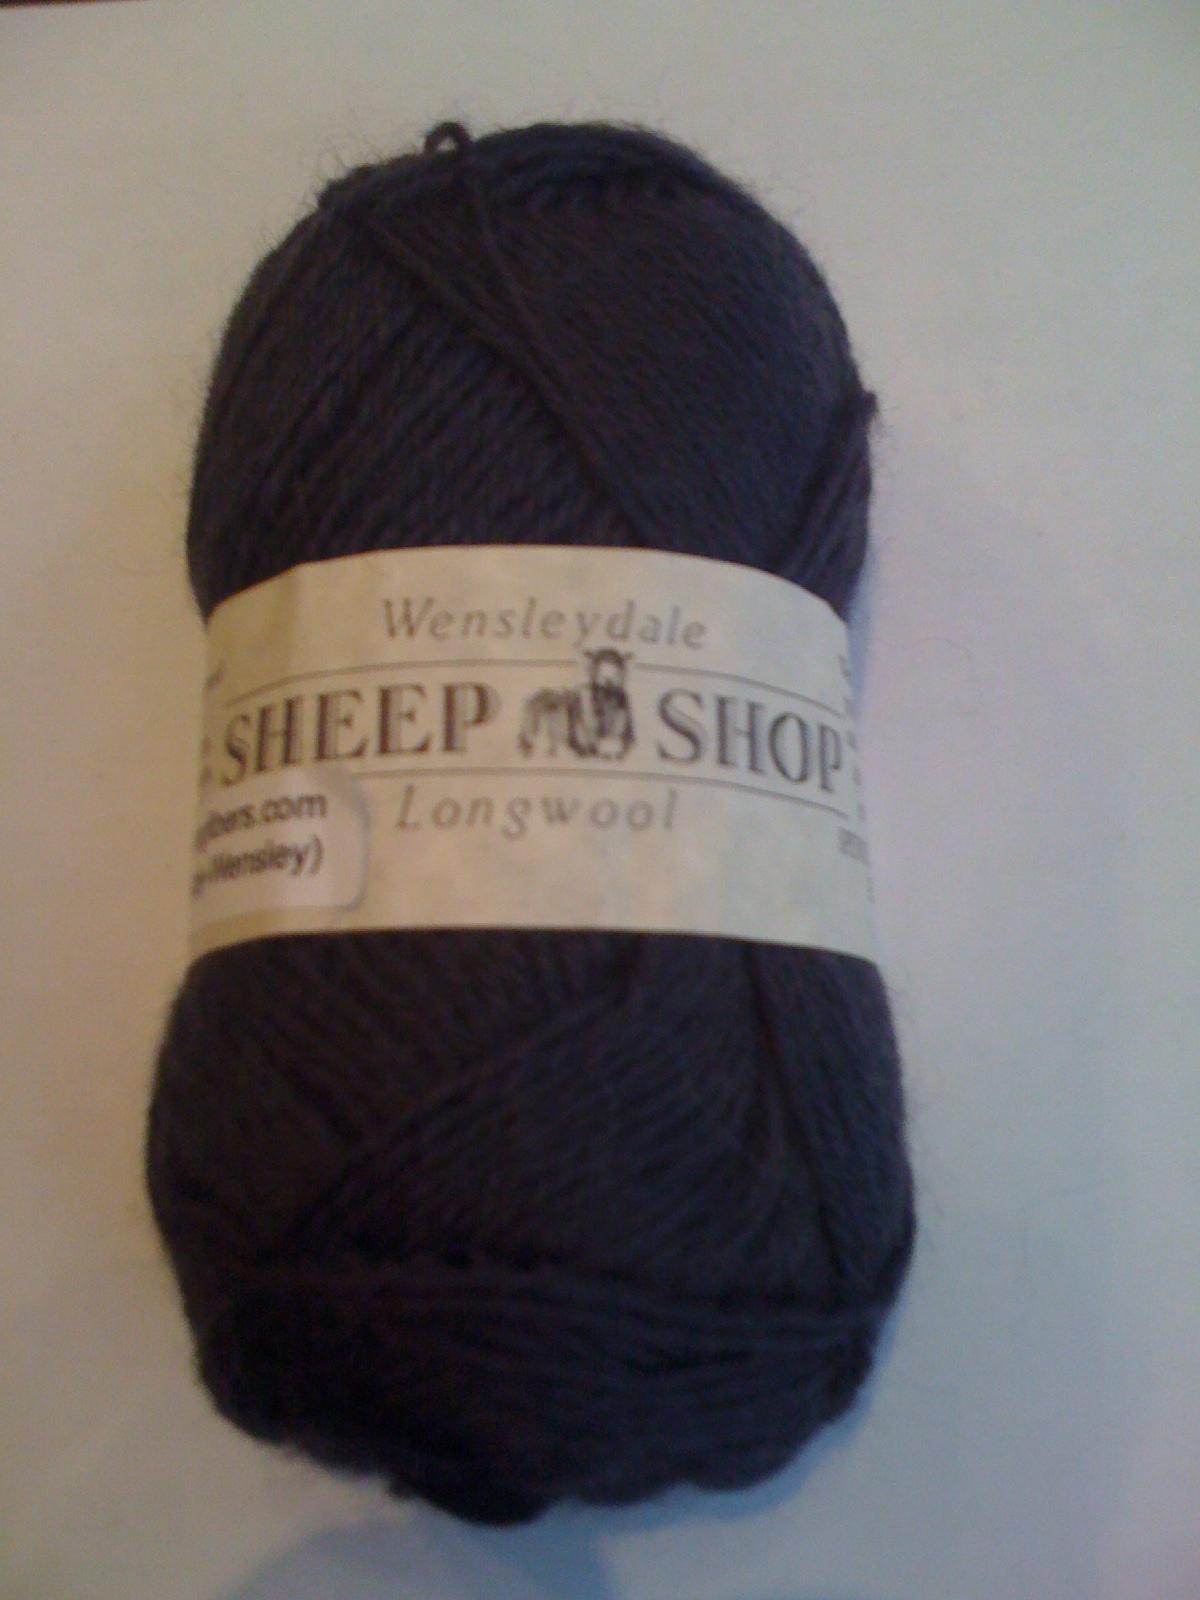 Sheep Shop Wensleydale Long Wool 4 Ply